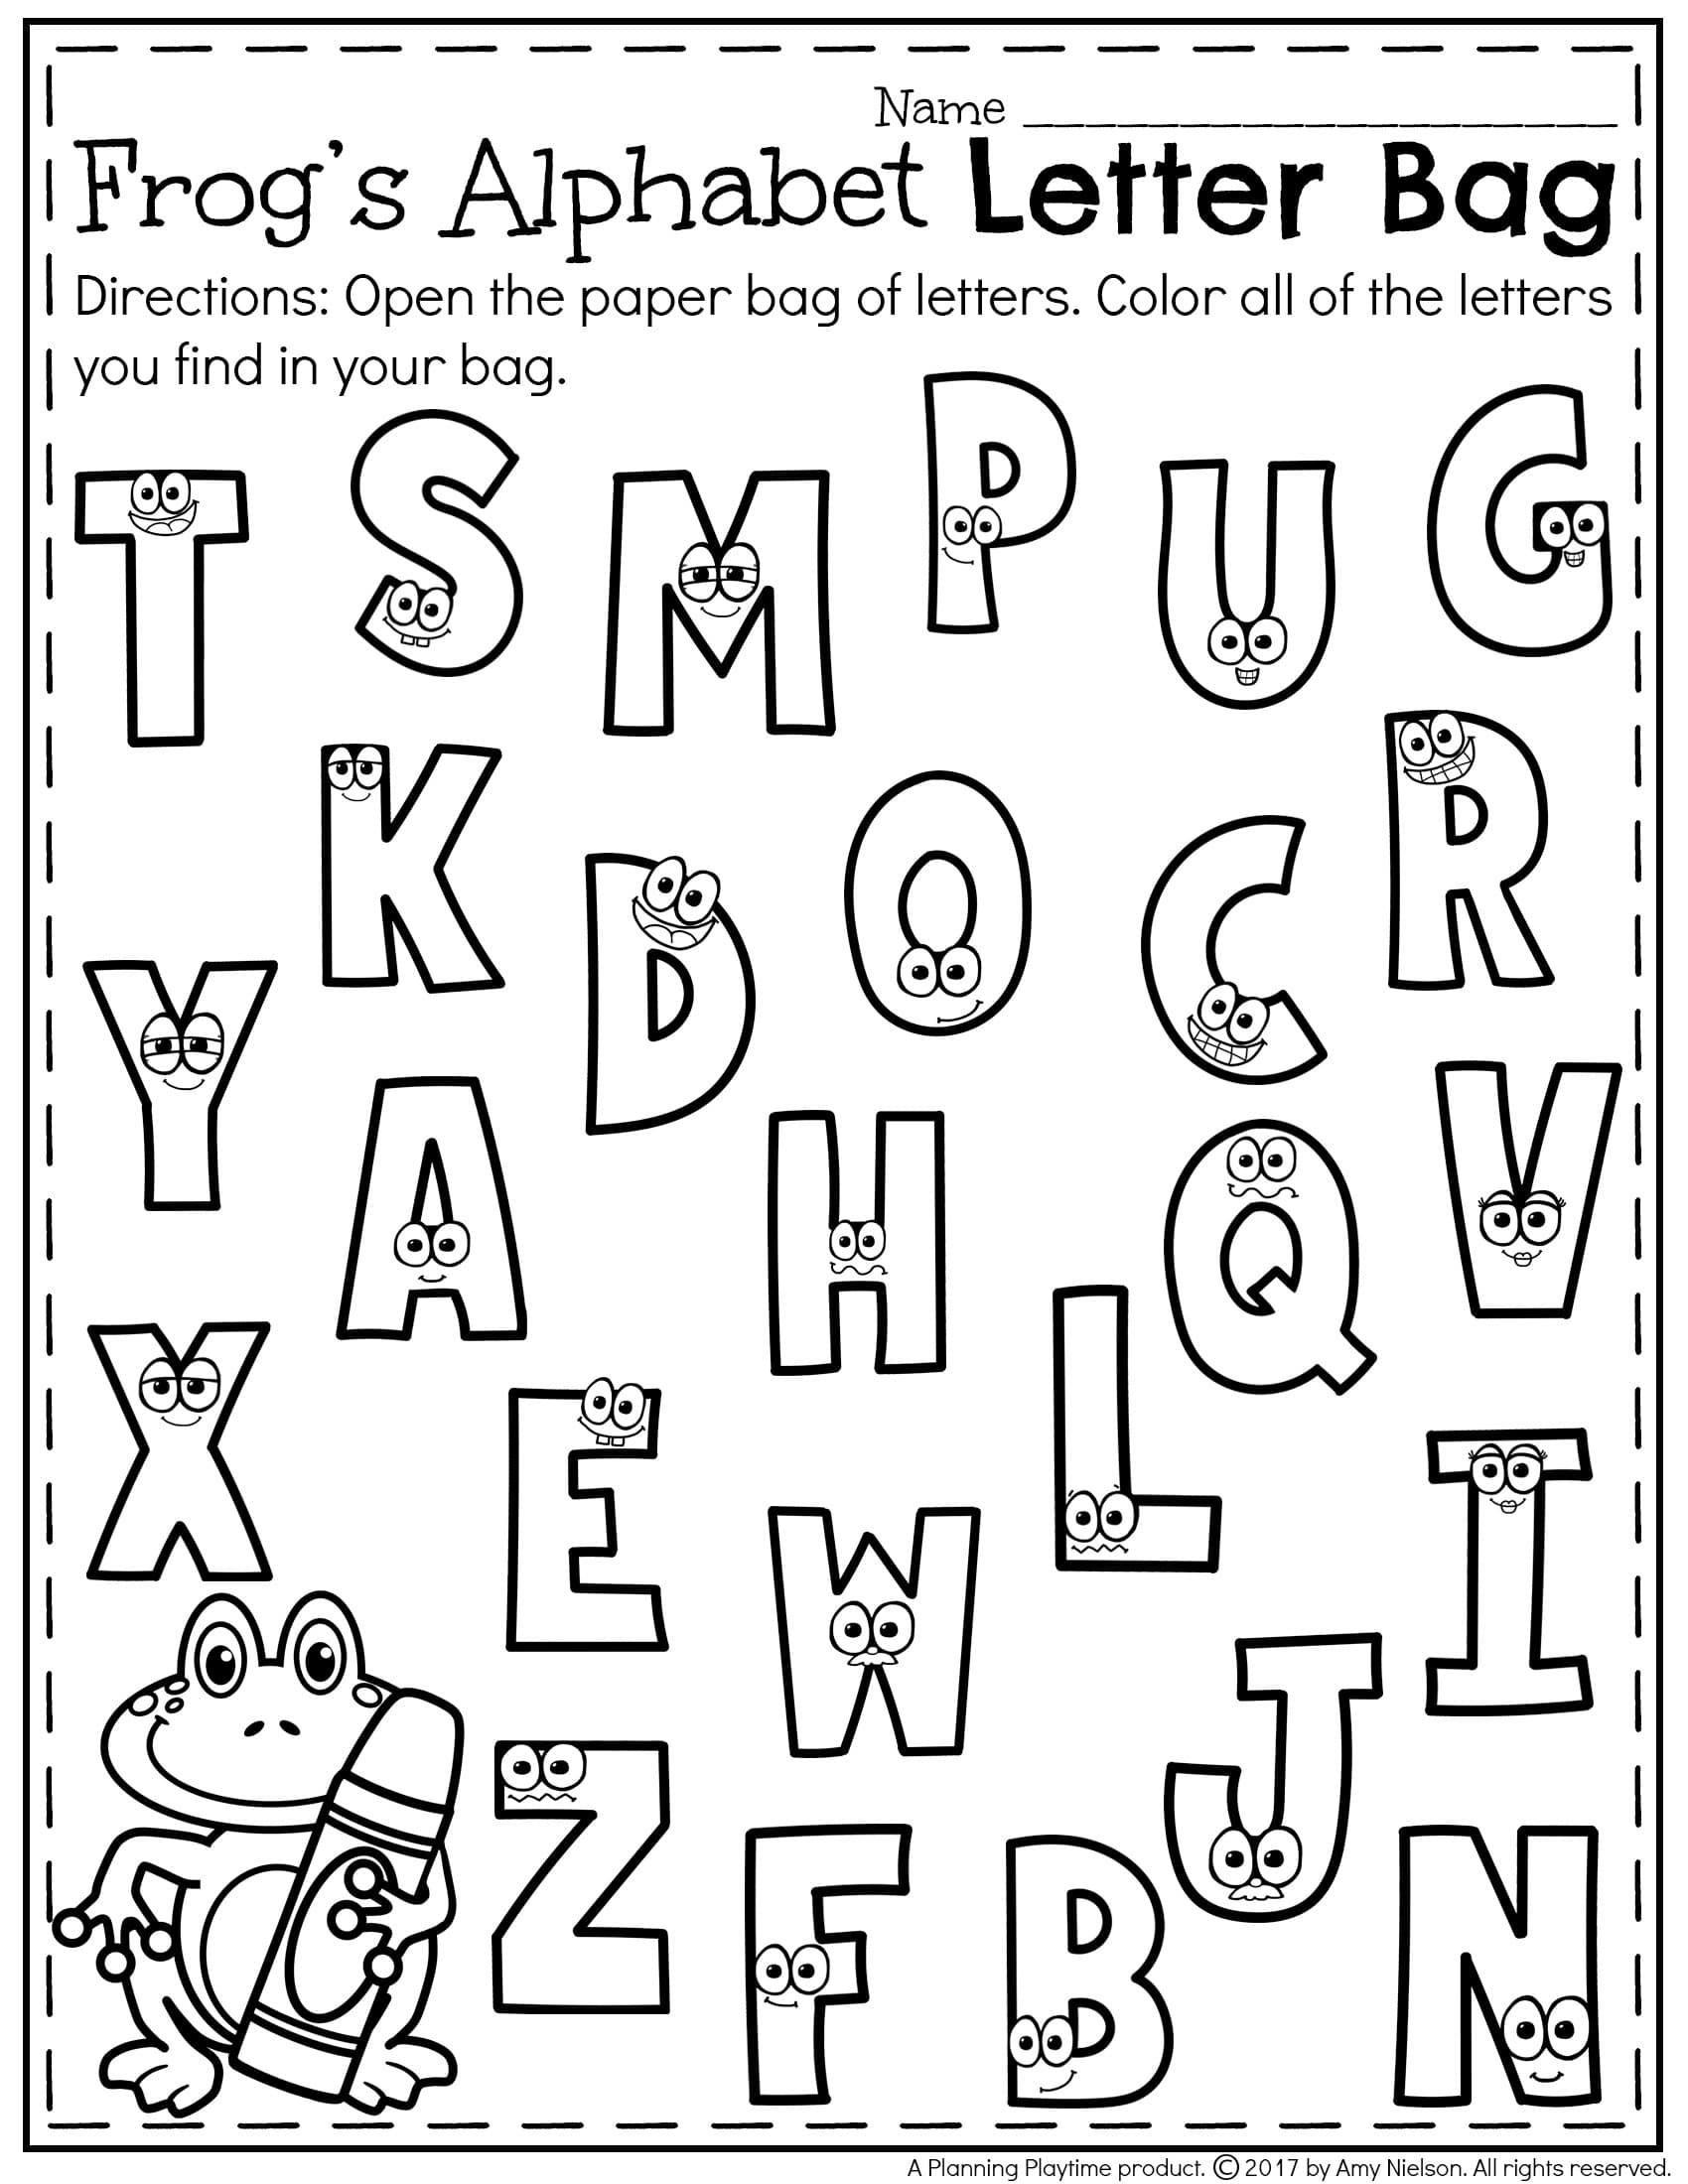 Letter Recognition Worksheets - Planning Playtime - Free Printable Letter Recognition Worksheets